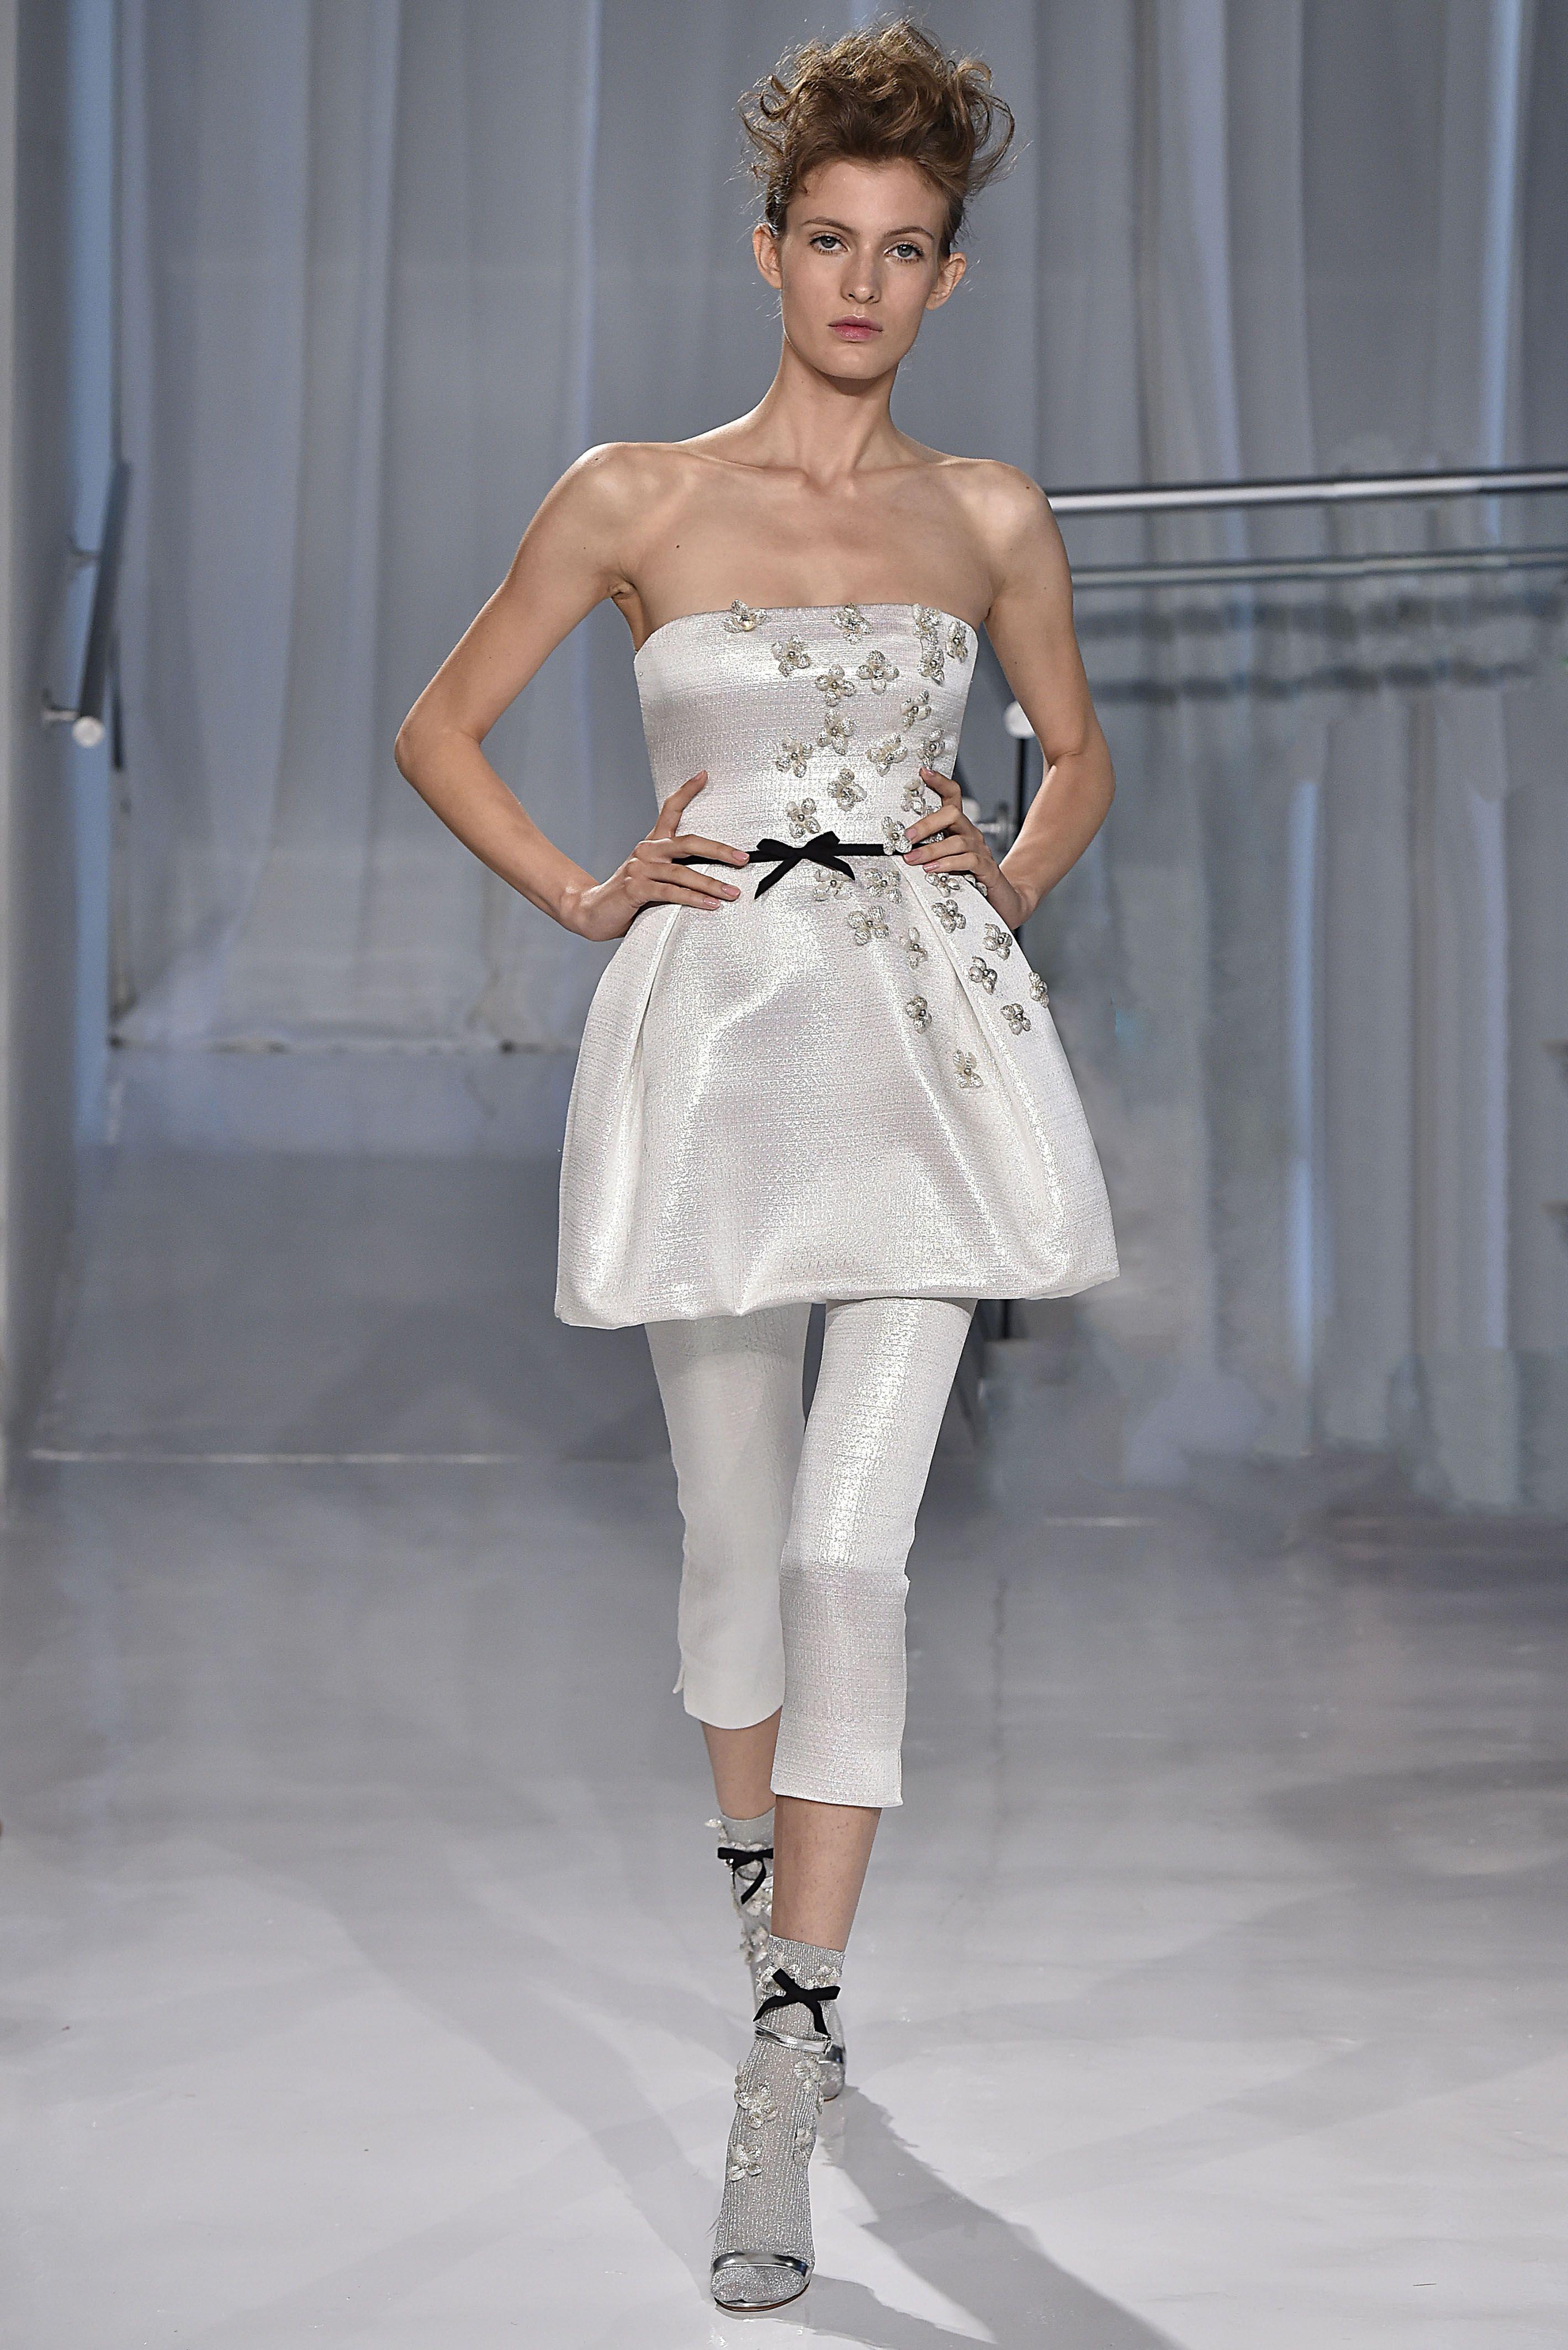 d38ef9589d760 Reem Acra - Look 4 Covet Fashion, I Love Fashion, Fashion News, Fashion